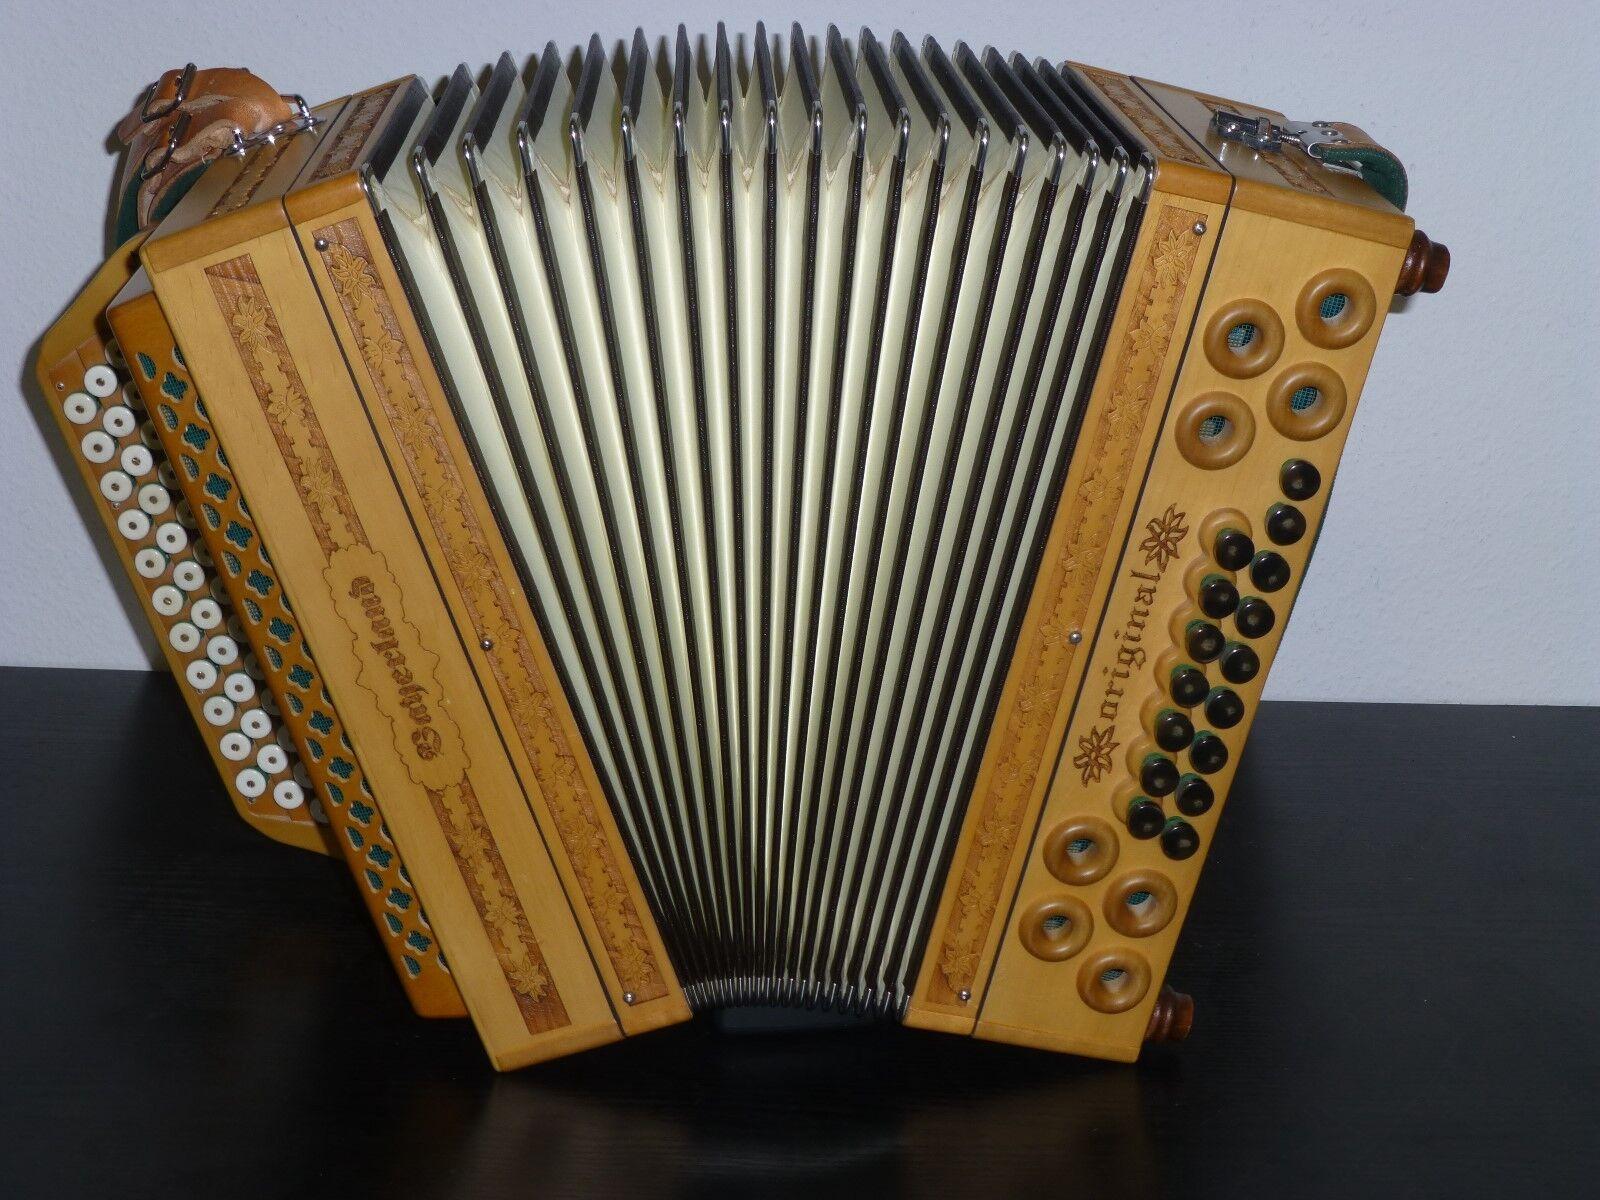 Bayerland-Alpenkönig Steirische Harmonika  B Es As Des 48/16 wenig bespielt.